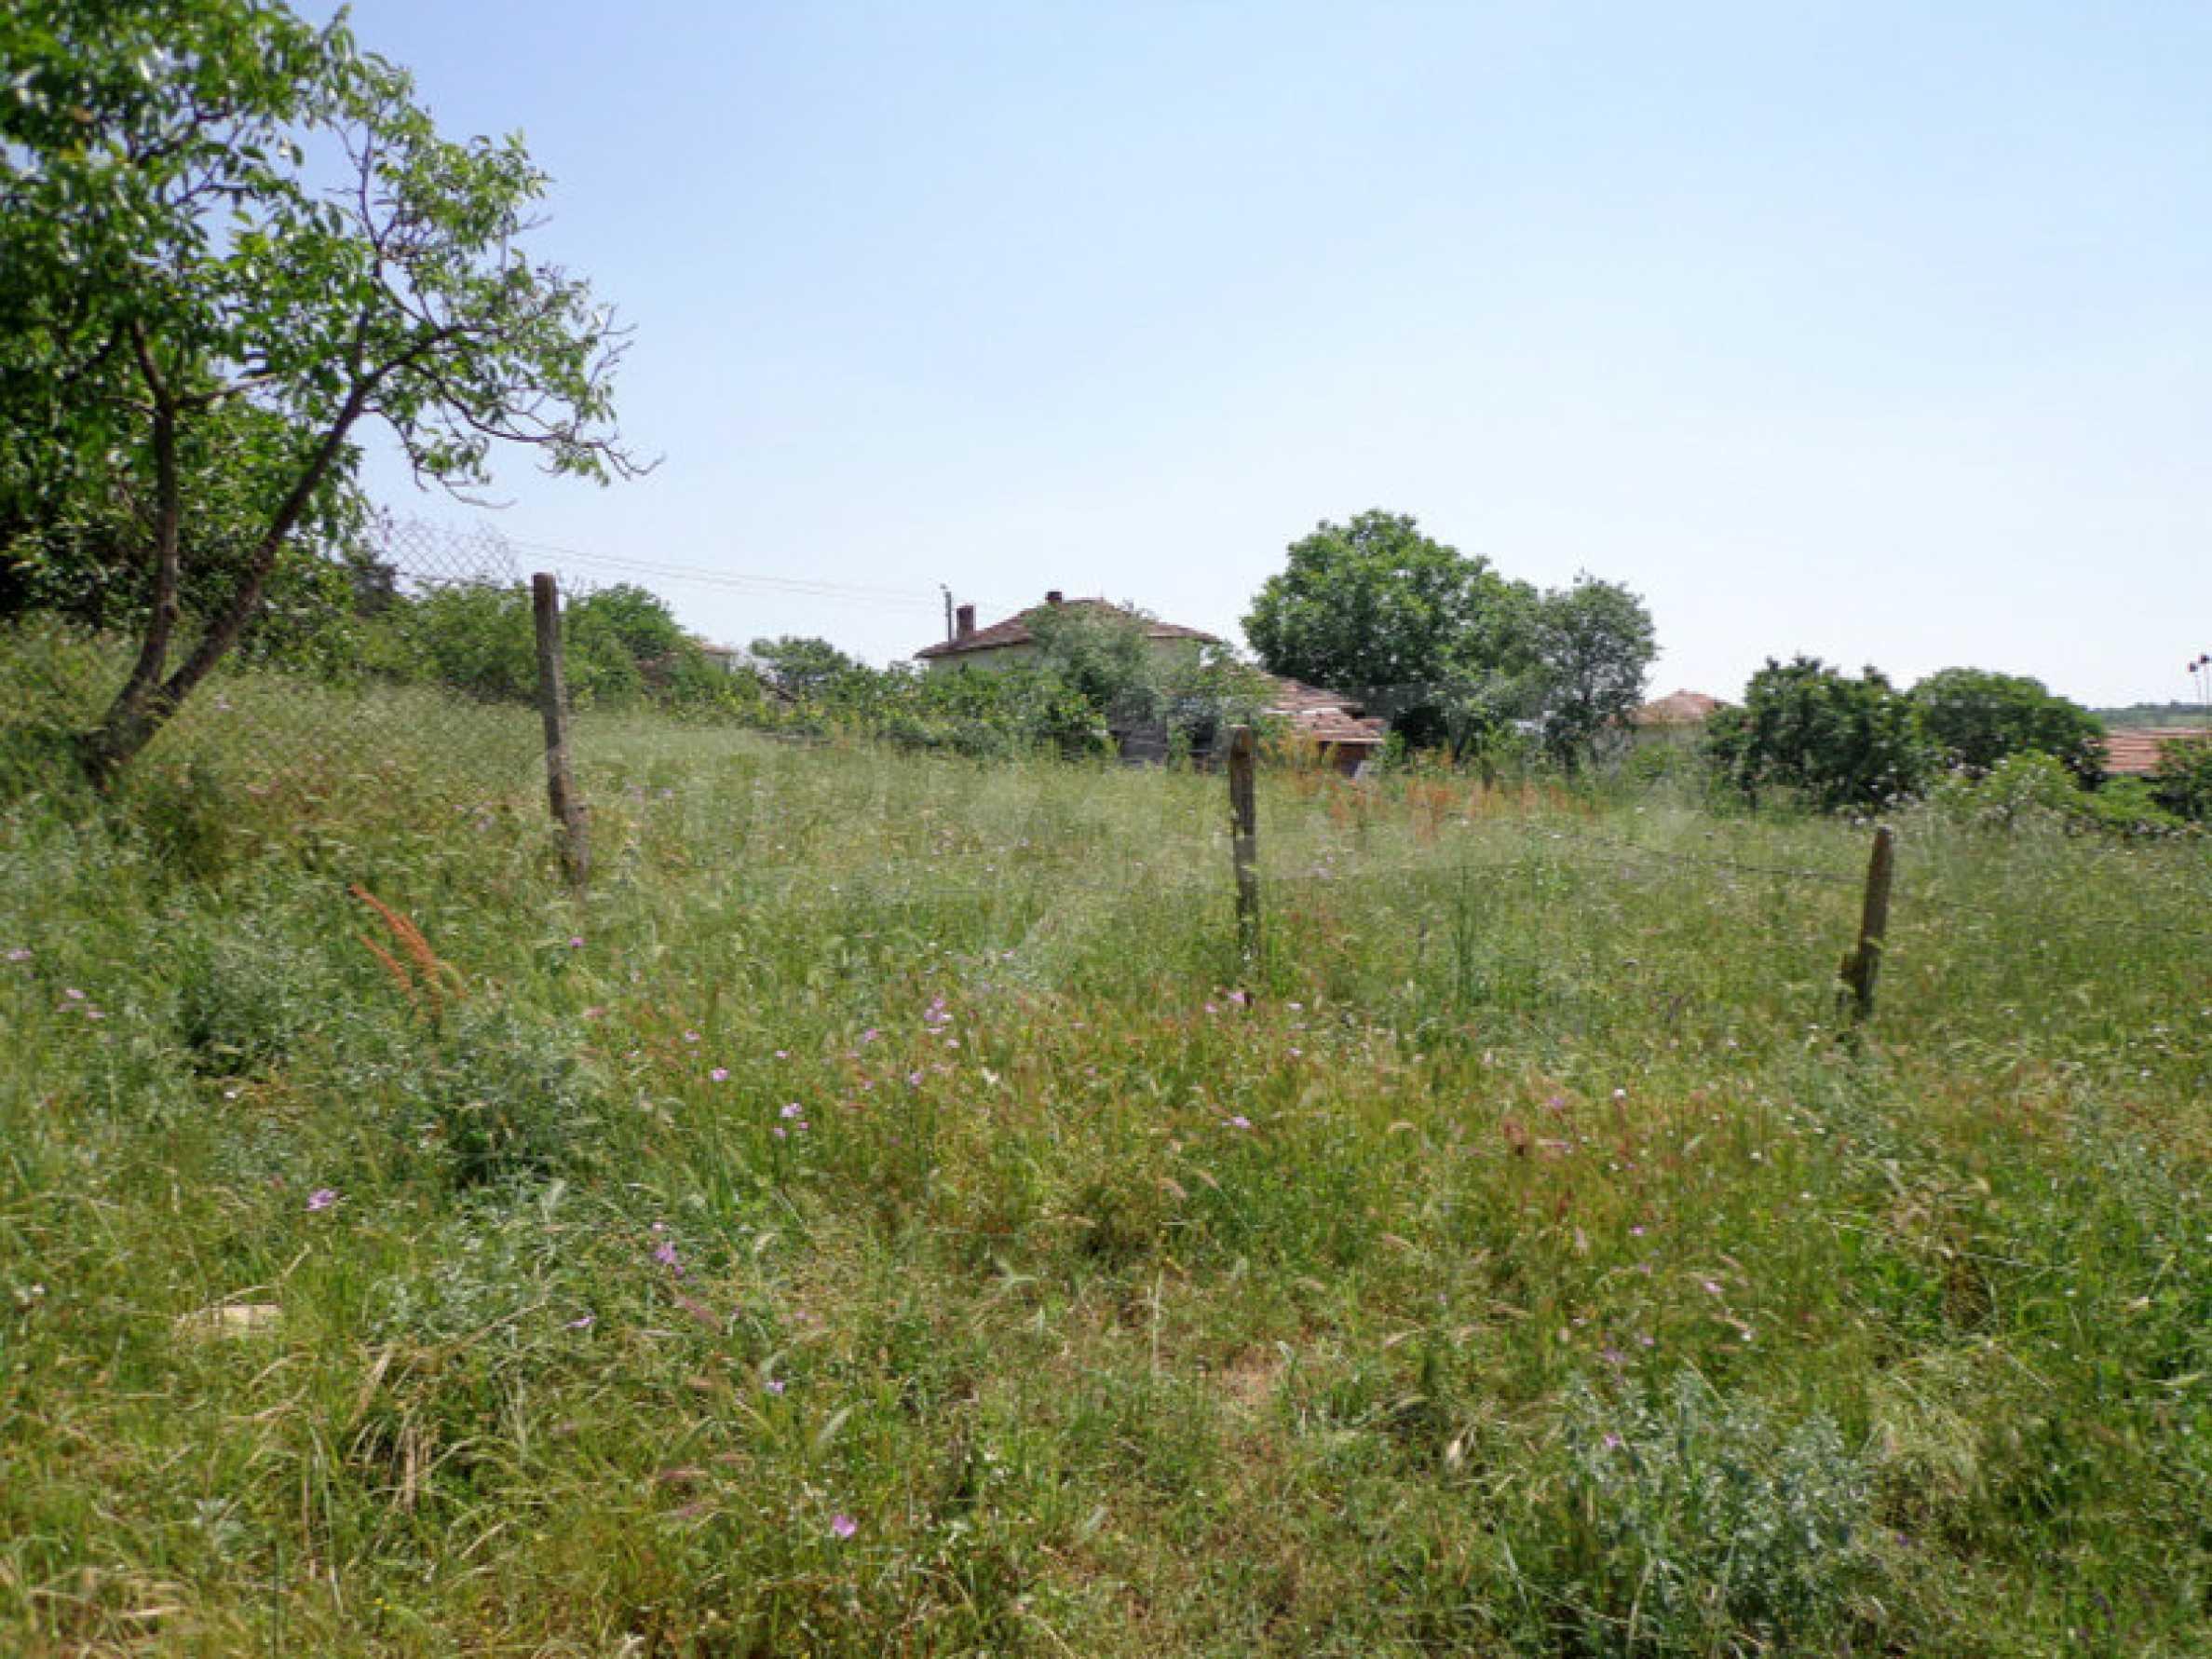 Grundstück zum Verkauf in einem malerischen Dorf 12 km von Sandanski entfernt 1